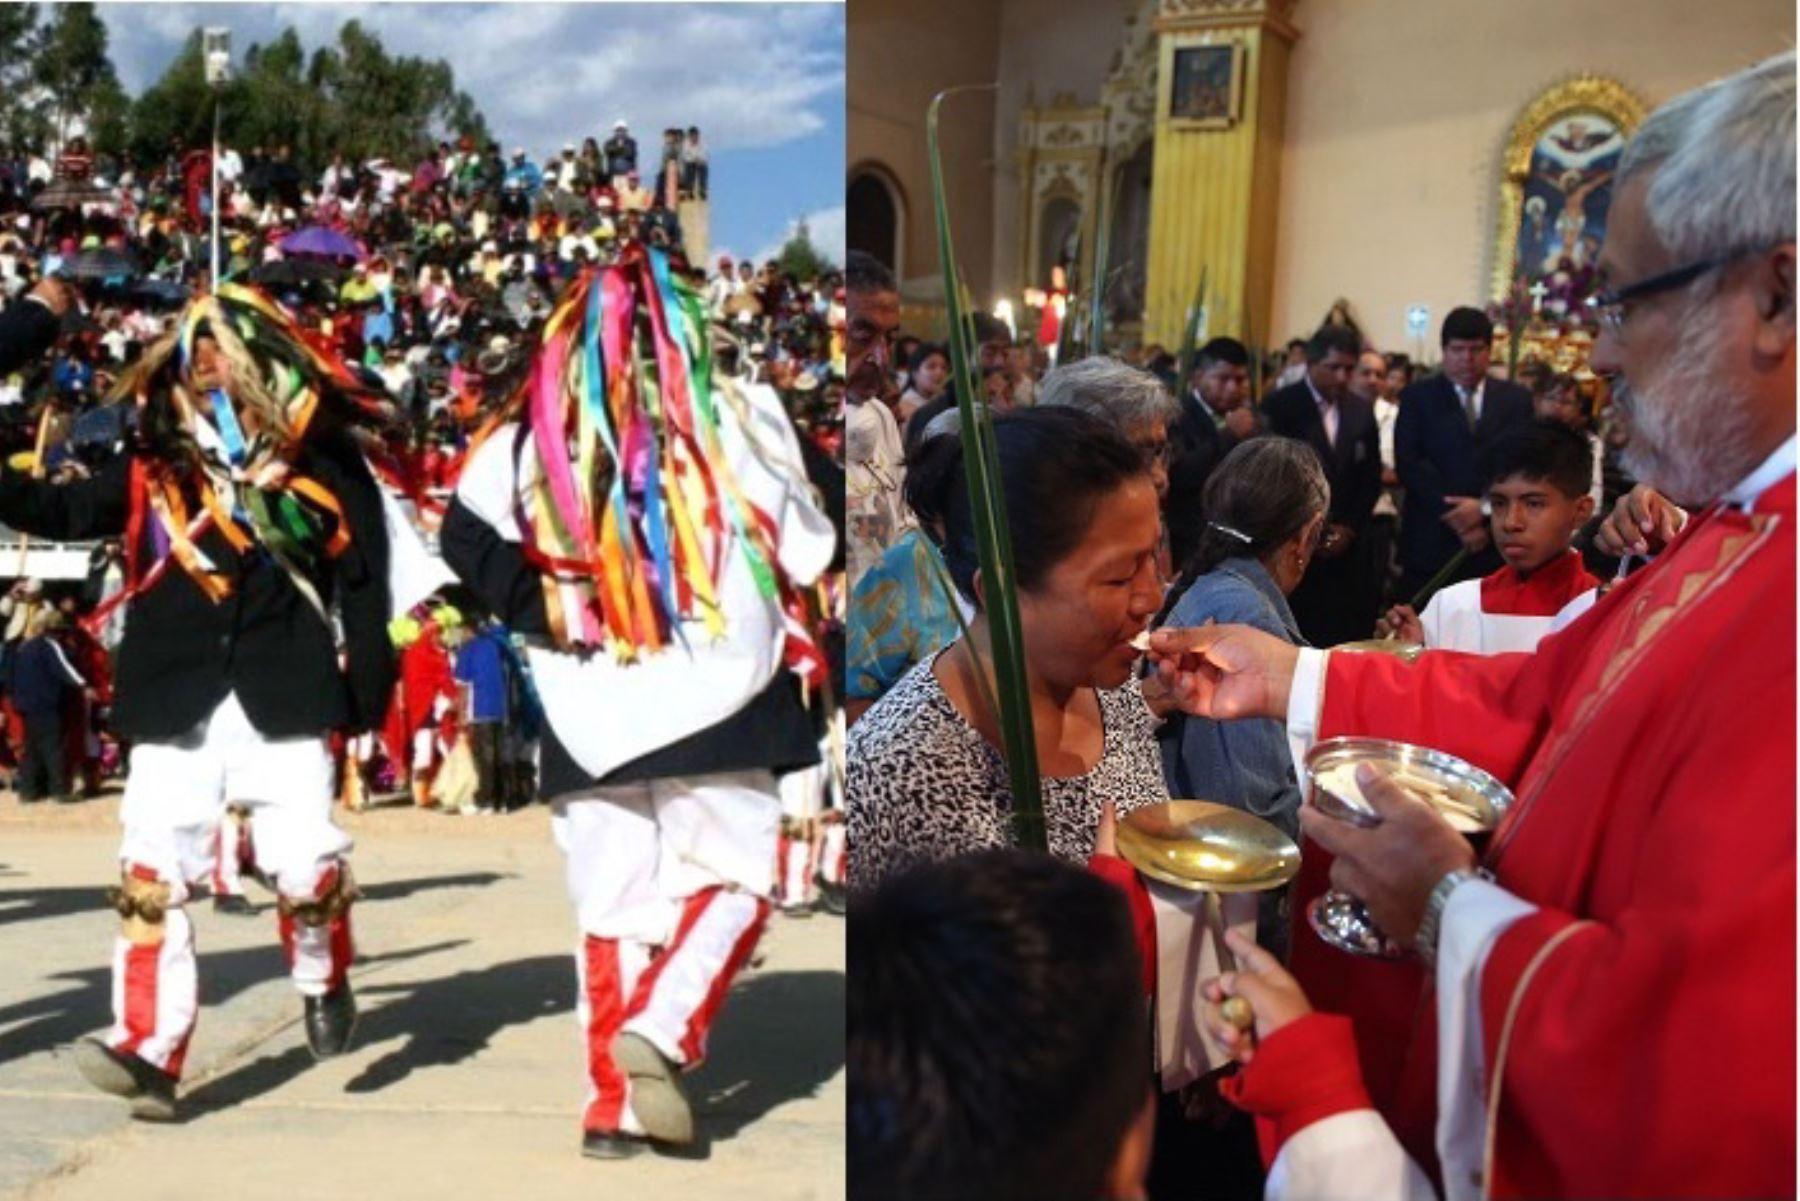 Conozca las fiestas y tradiciones declaradas Patrimonio Cultural de la Nación en 2018. ANDINA